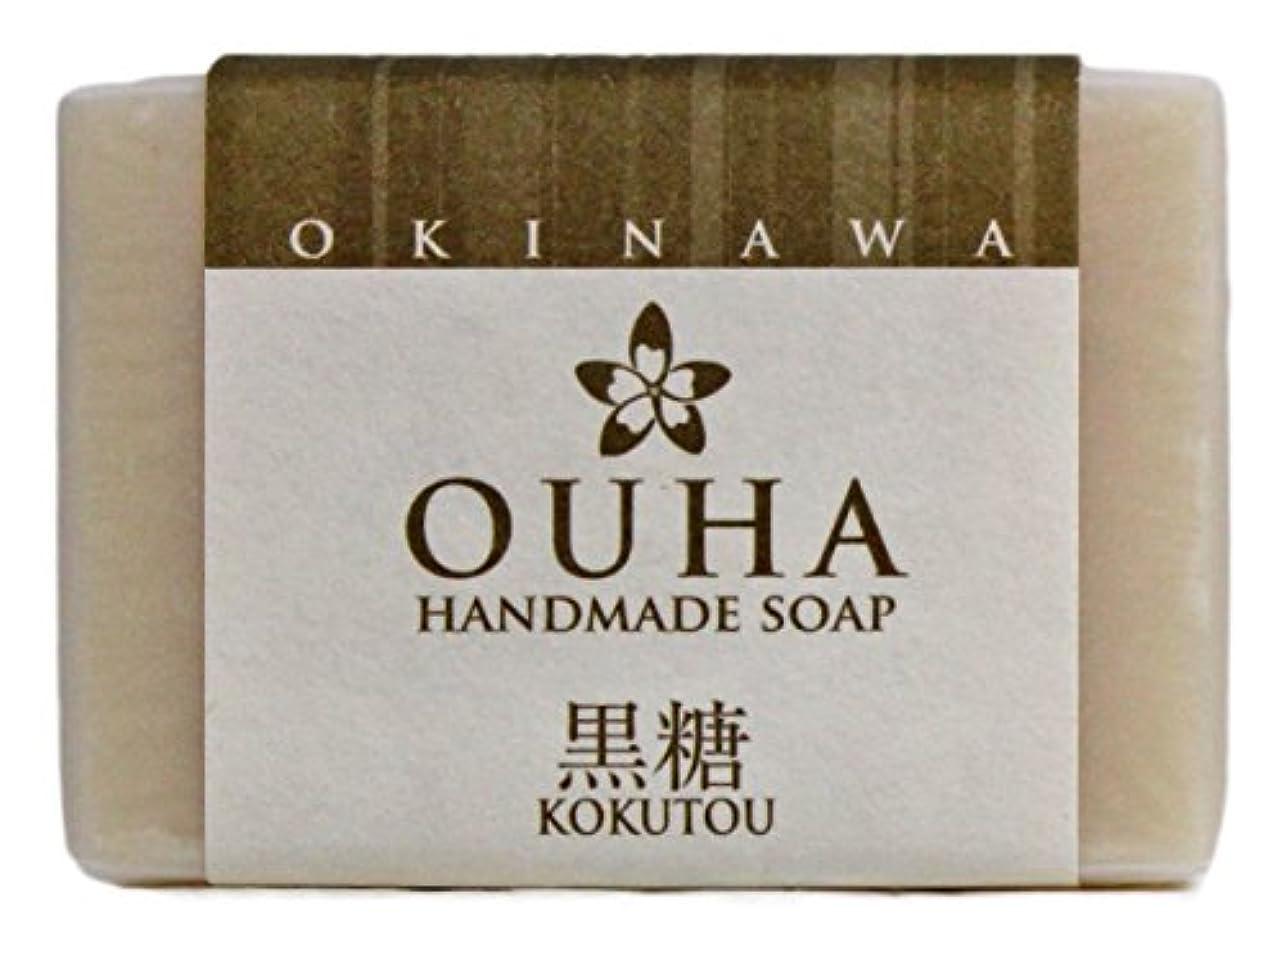 検査一口骨髄沖縄手作り洗顔せっけん OUHAソープ 黒糖 47g